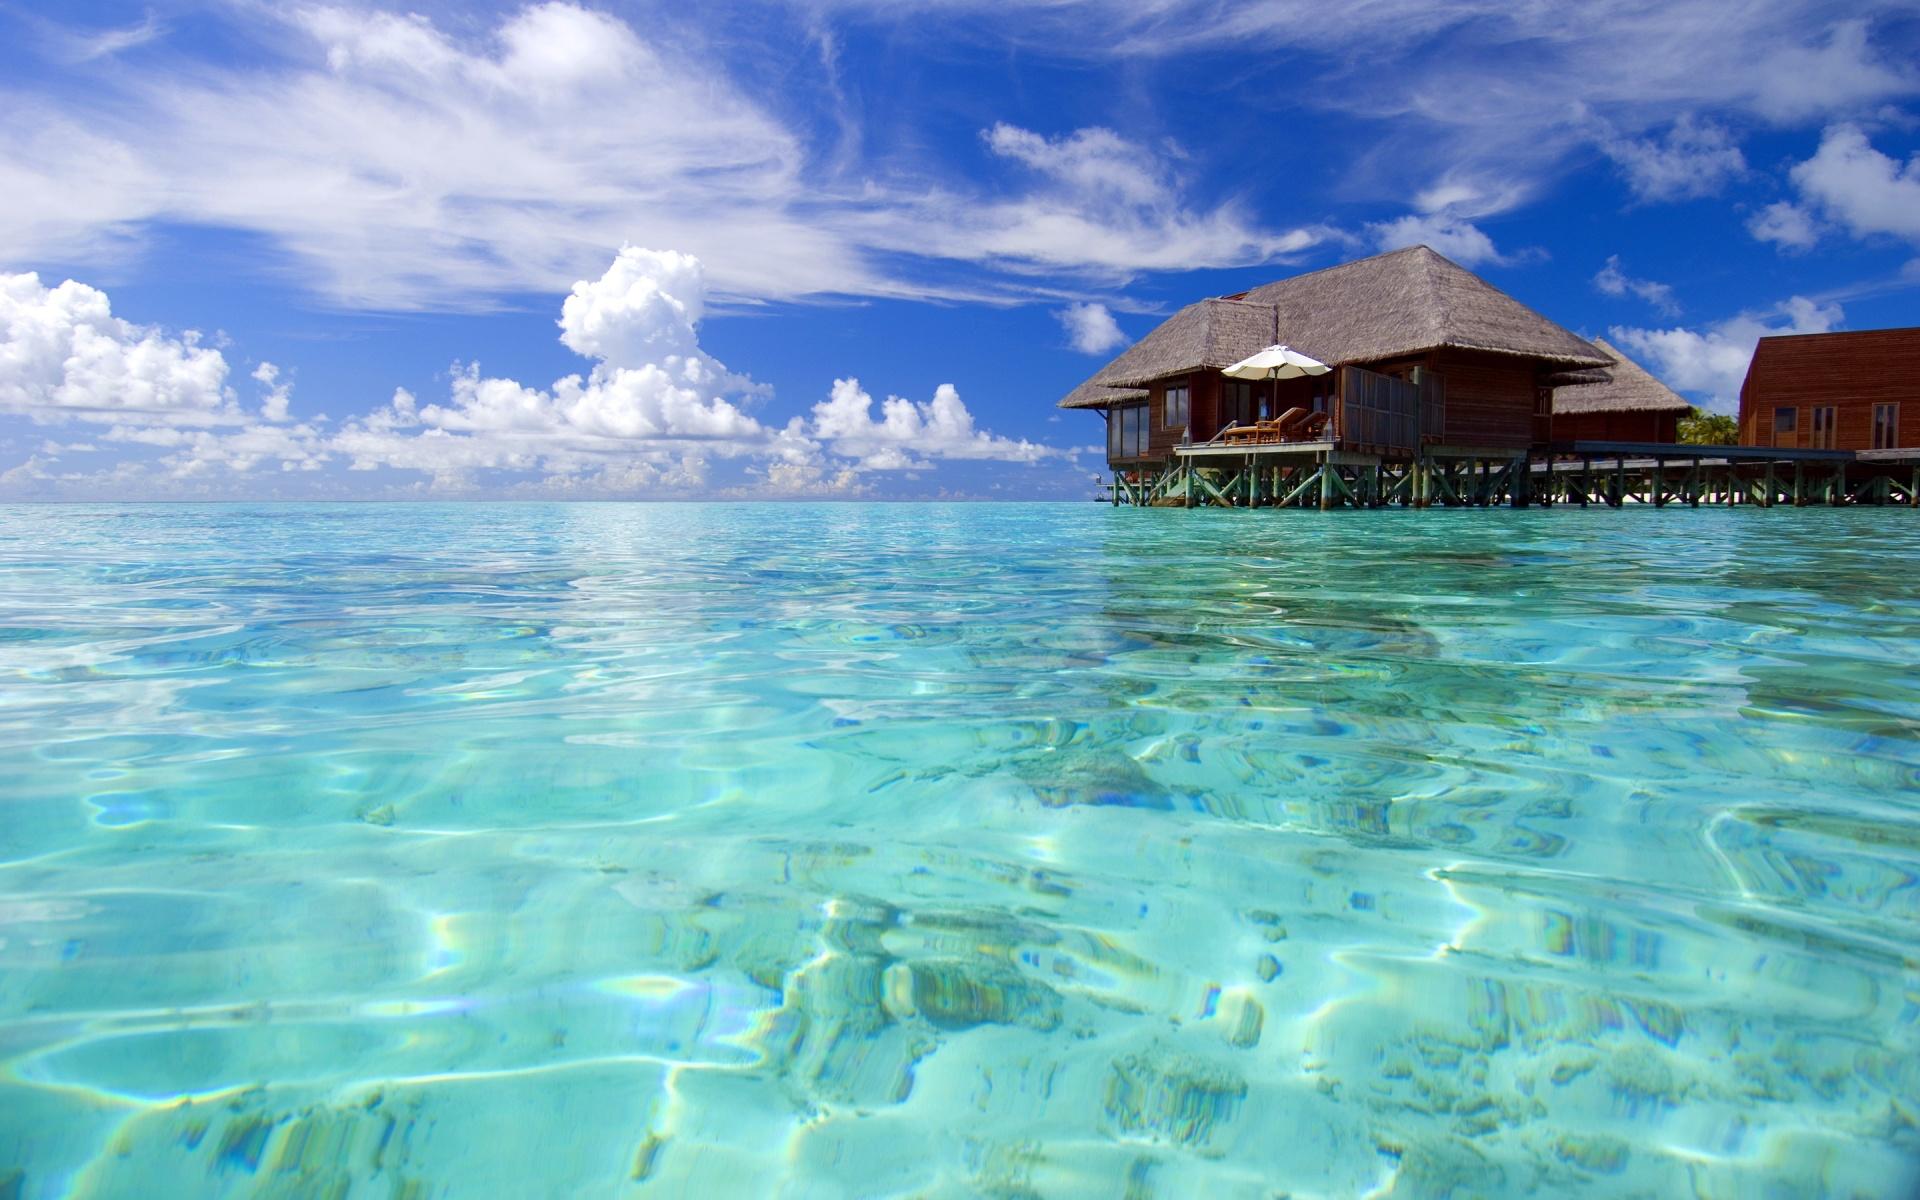 Maldives Wallpapers for Desktop - WallpaperSafari